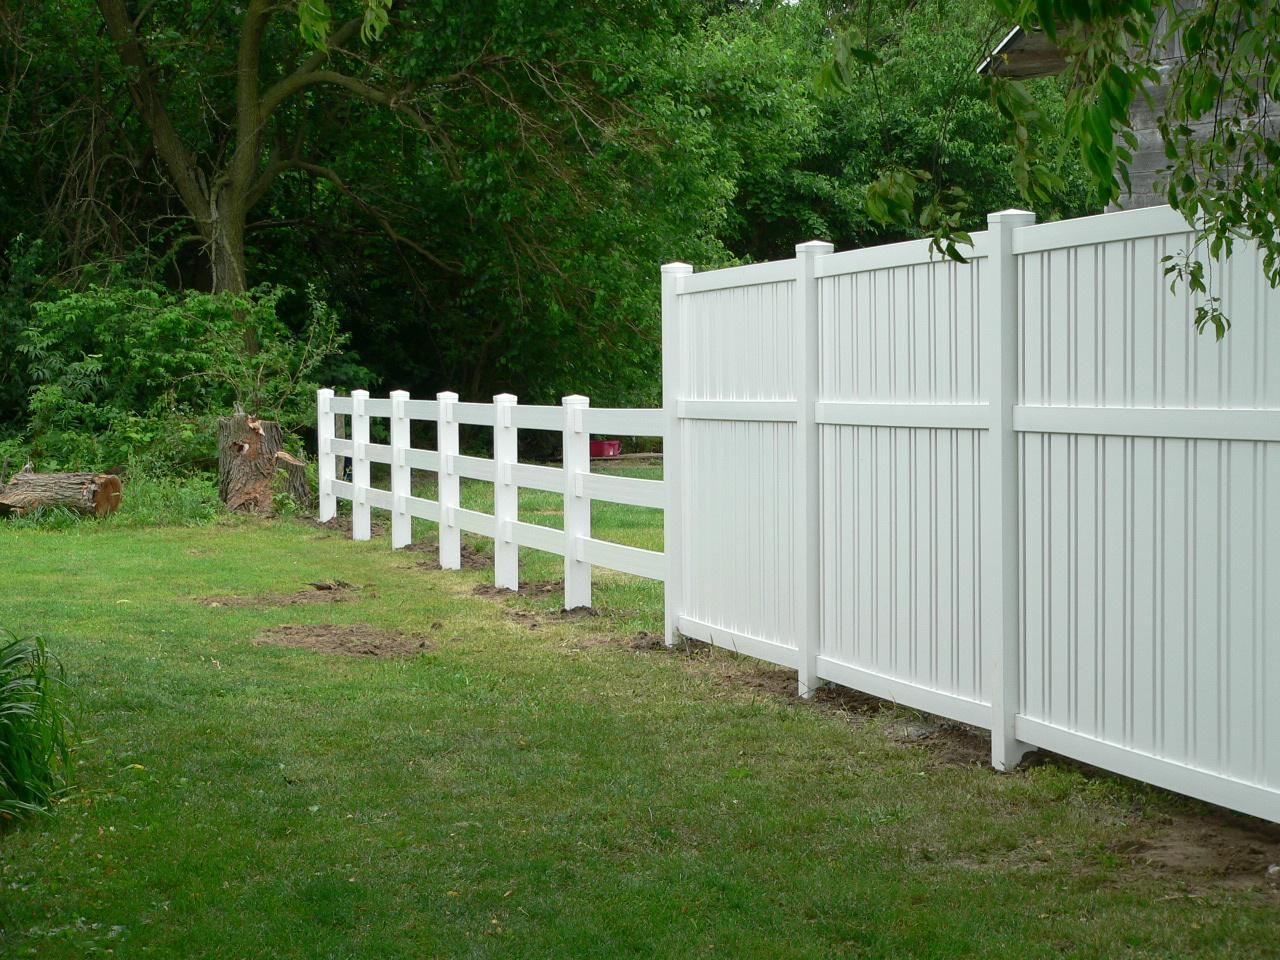 https://0201.nccdn.net/1_2/000/000/0bf/a4d/Fence-Master-012-1280x960.jpg